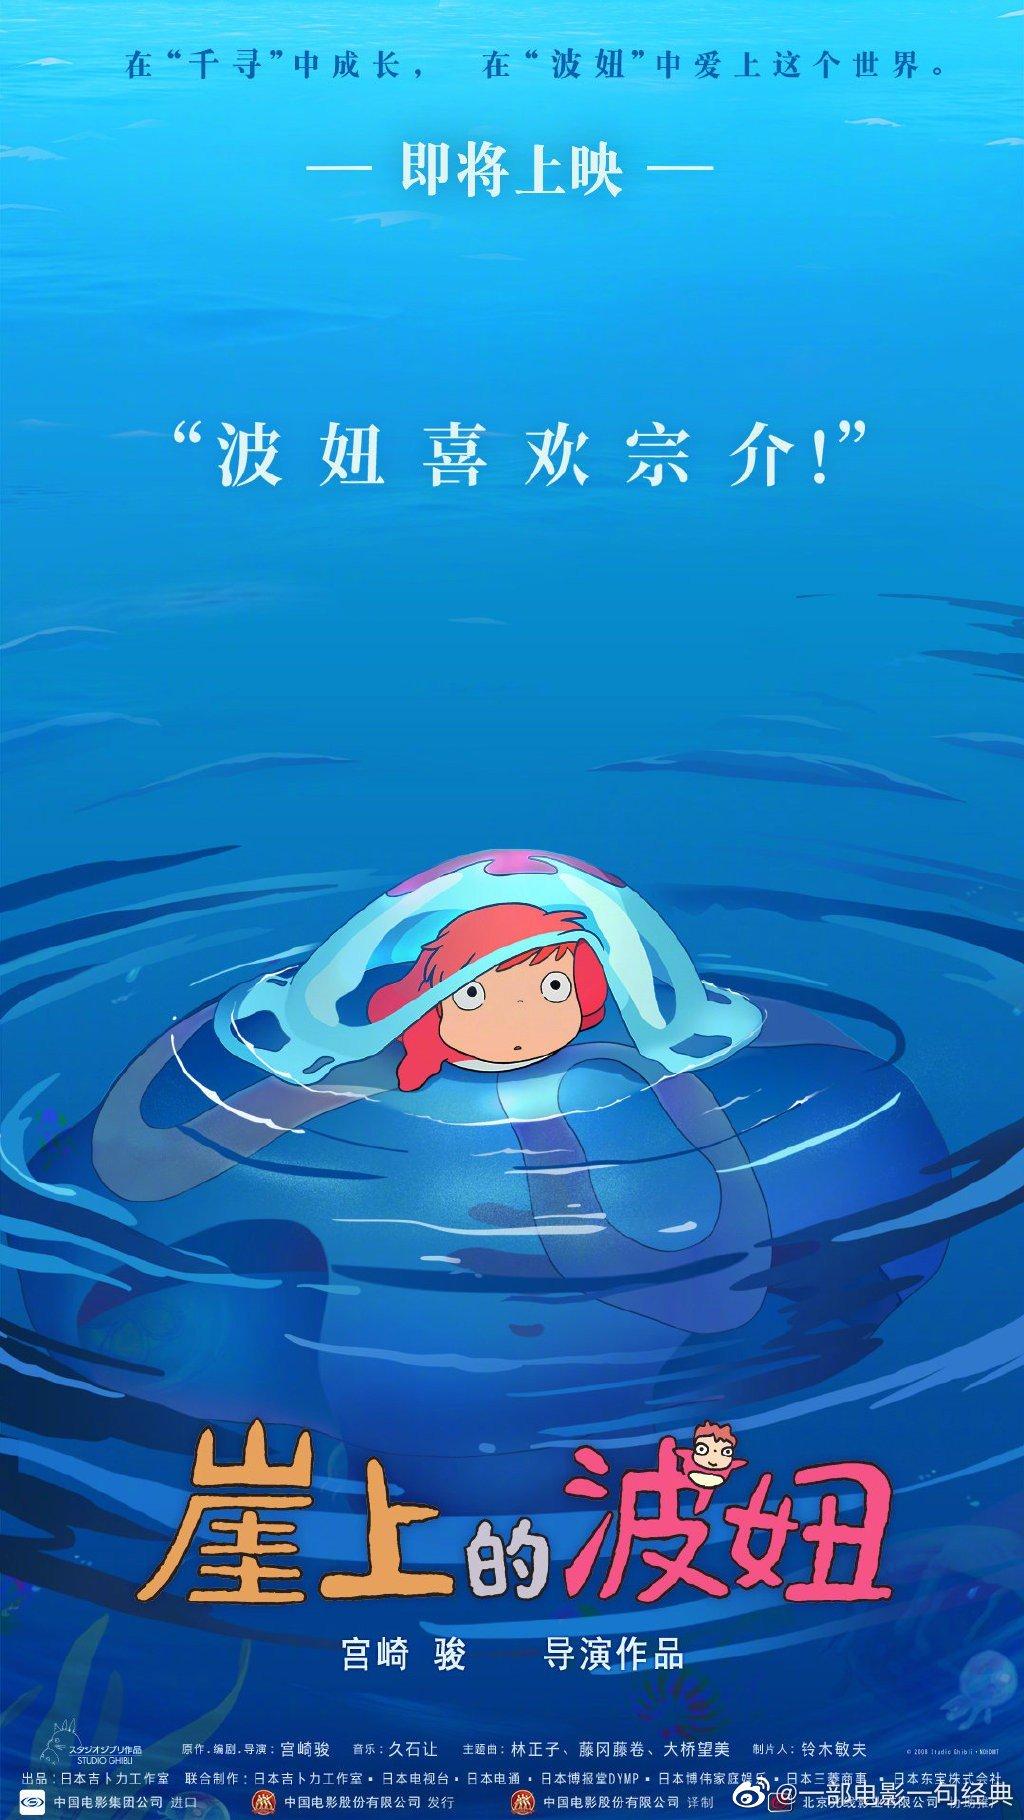 宫崎骏经典动画电影《崖上的波妞》今天宣布将引进中国内地上映